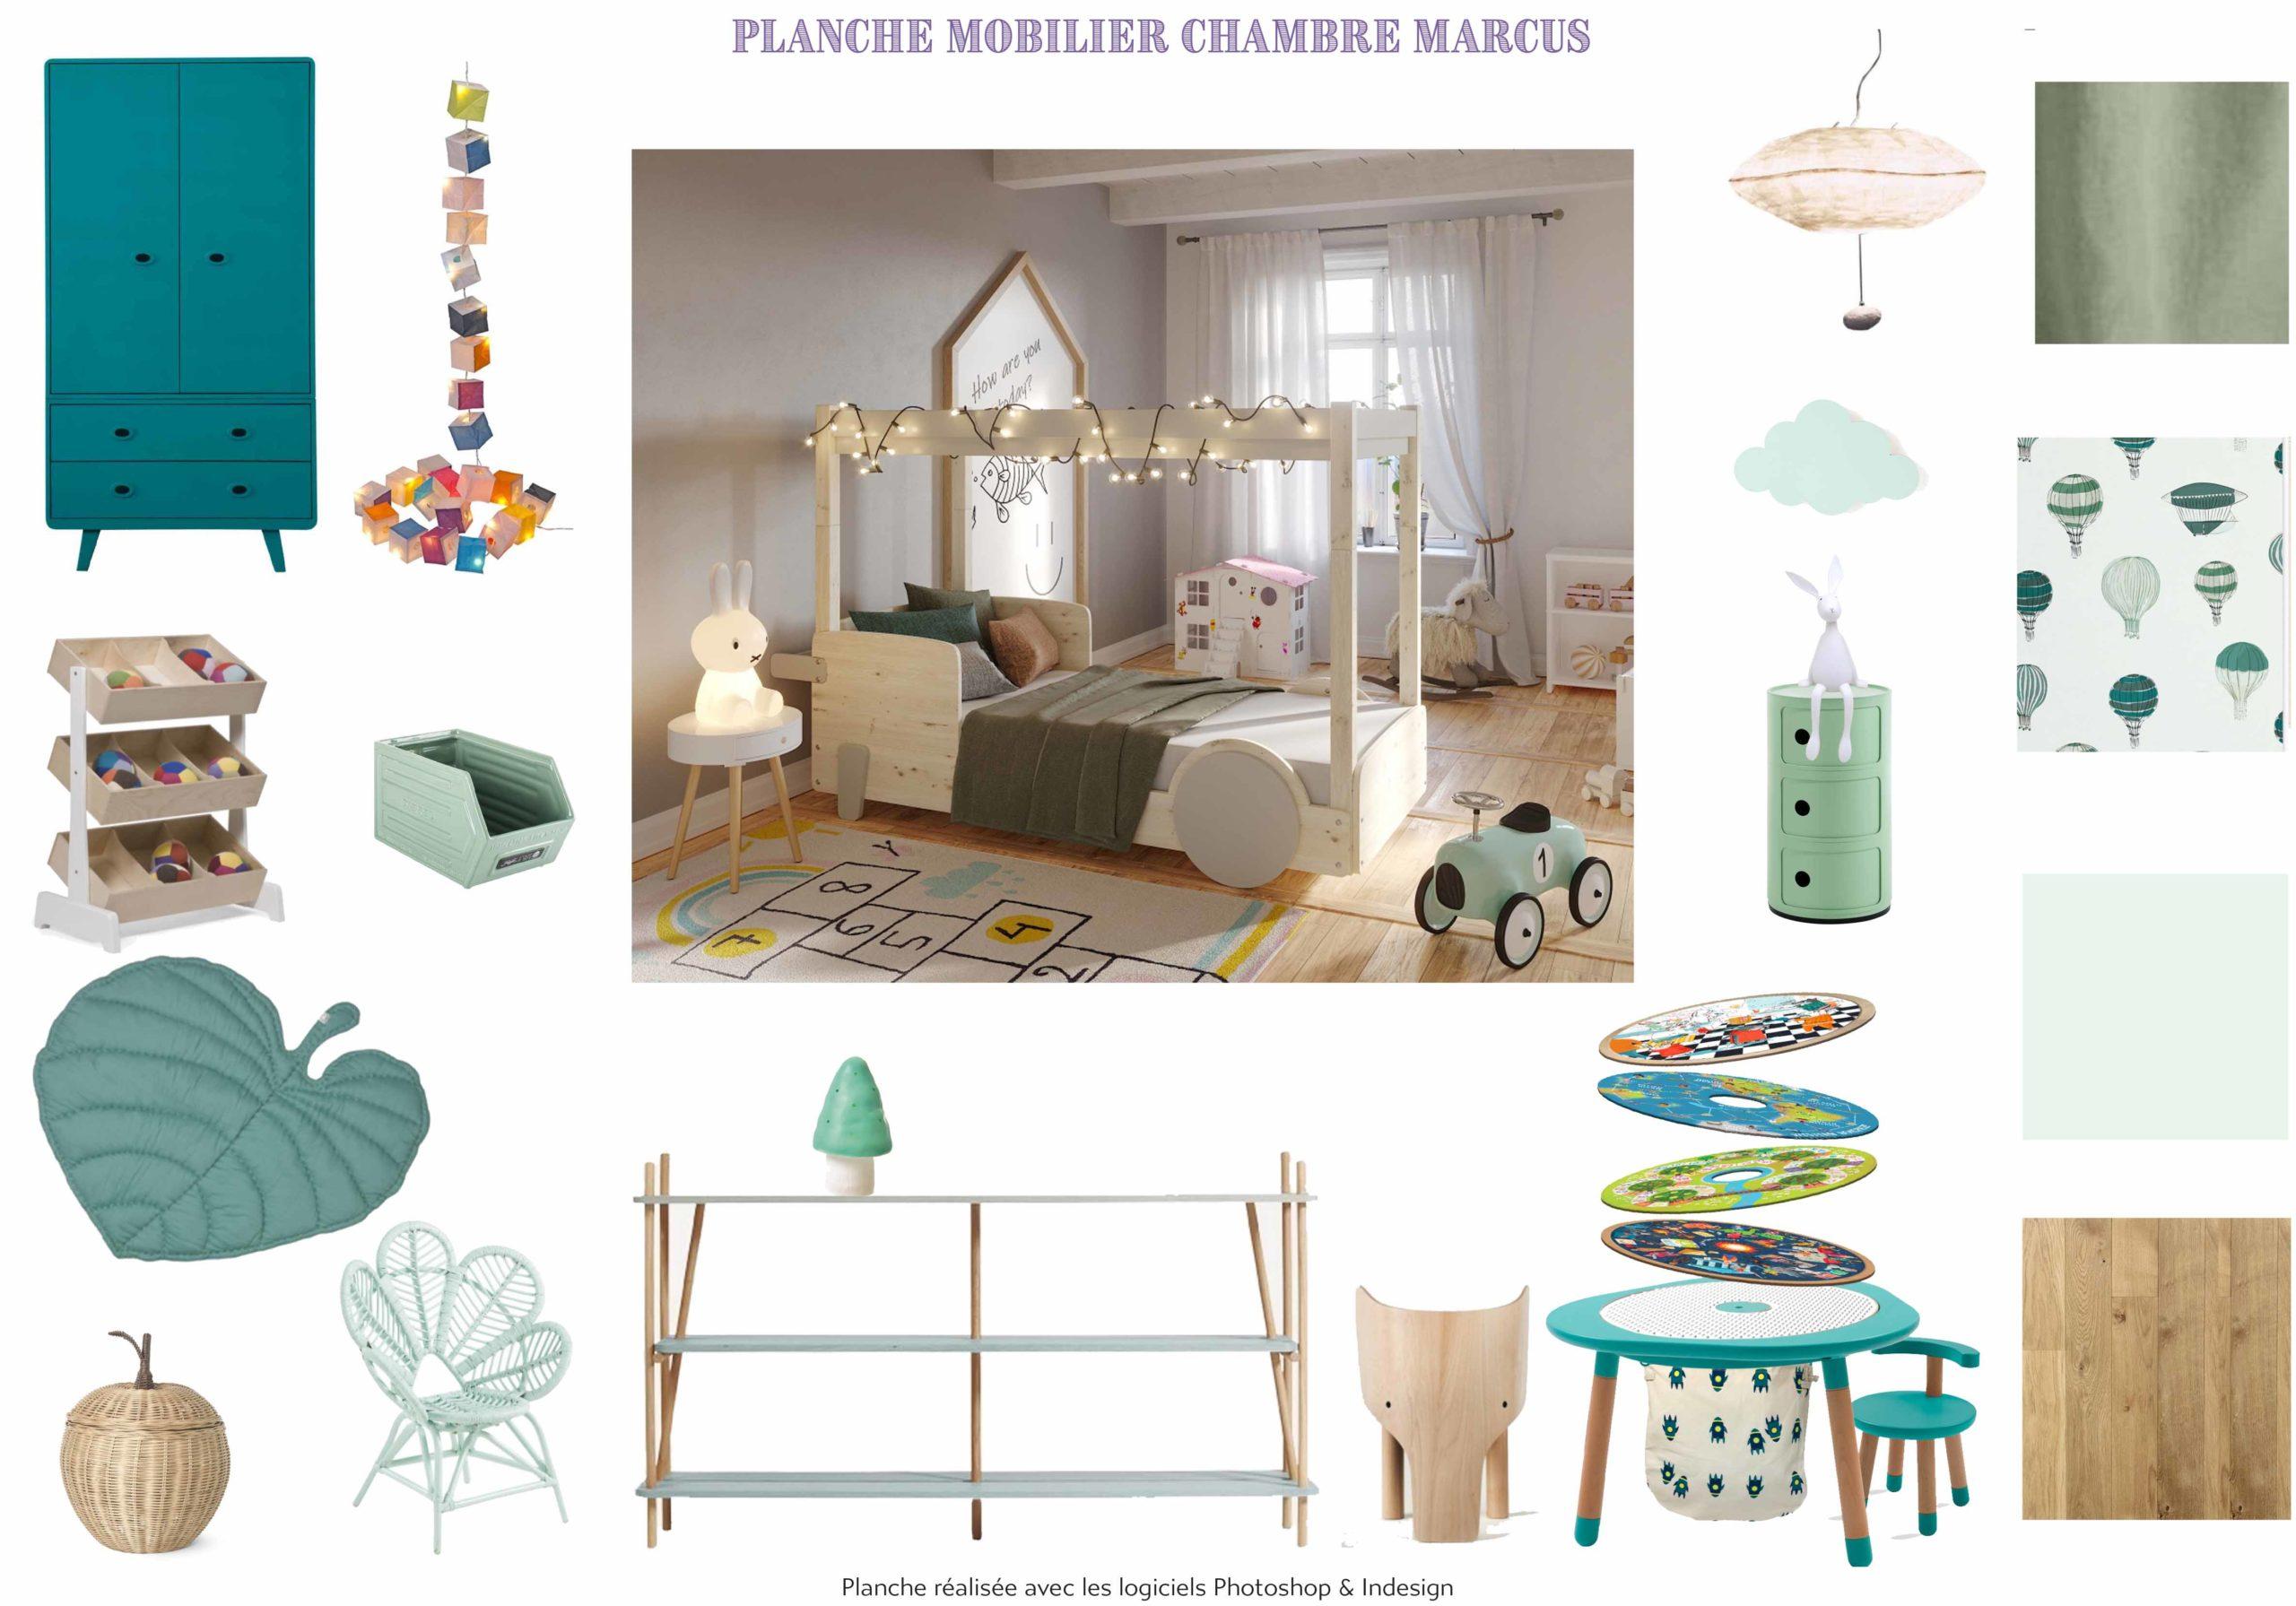 BOOK_planche mobilier-markus